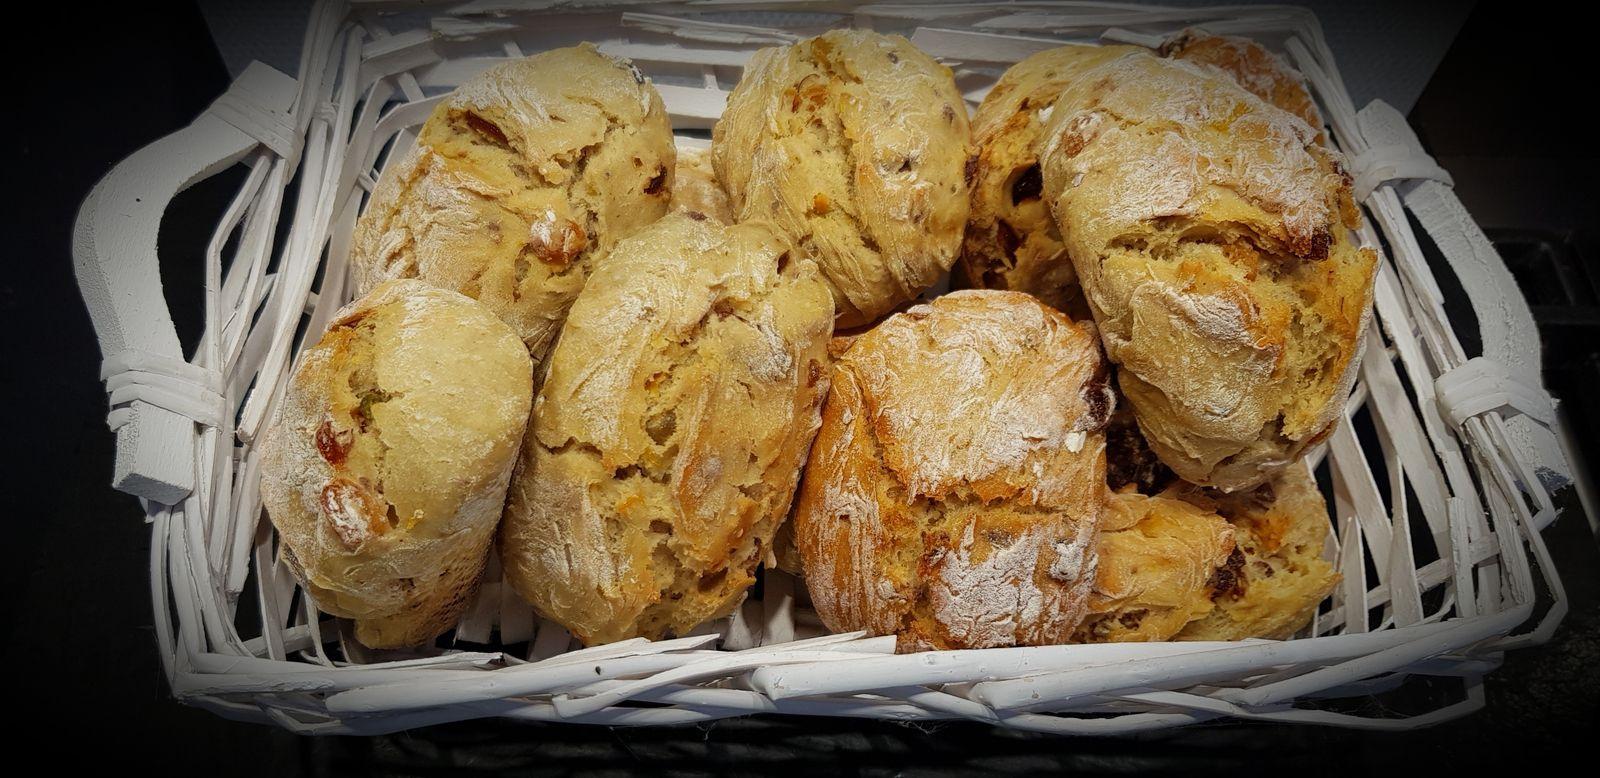 Petits pains aux fruits secs et fruits à coques